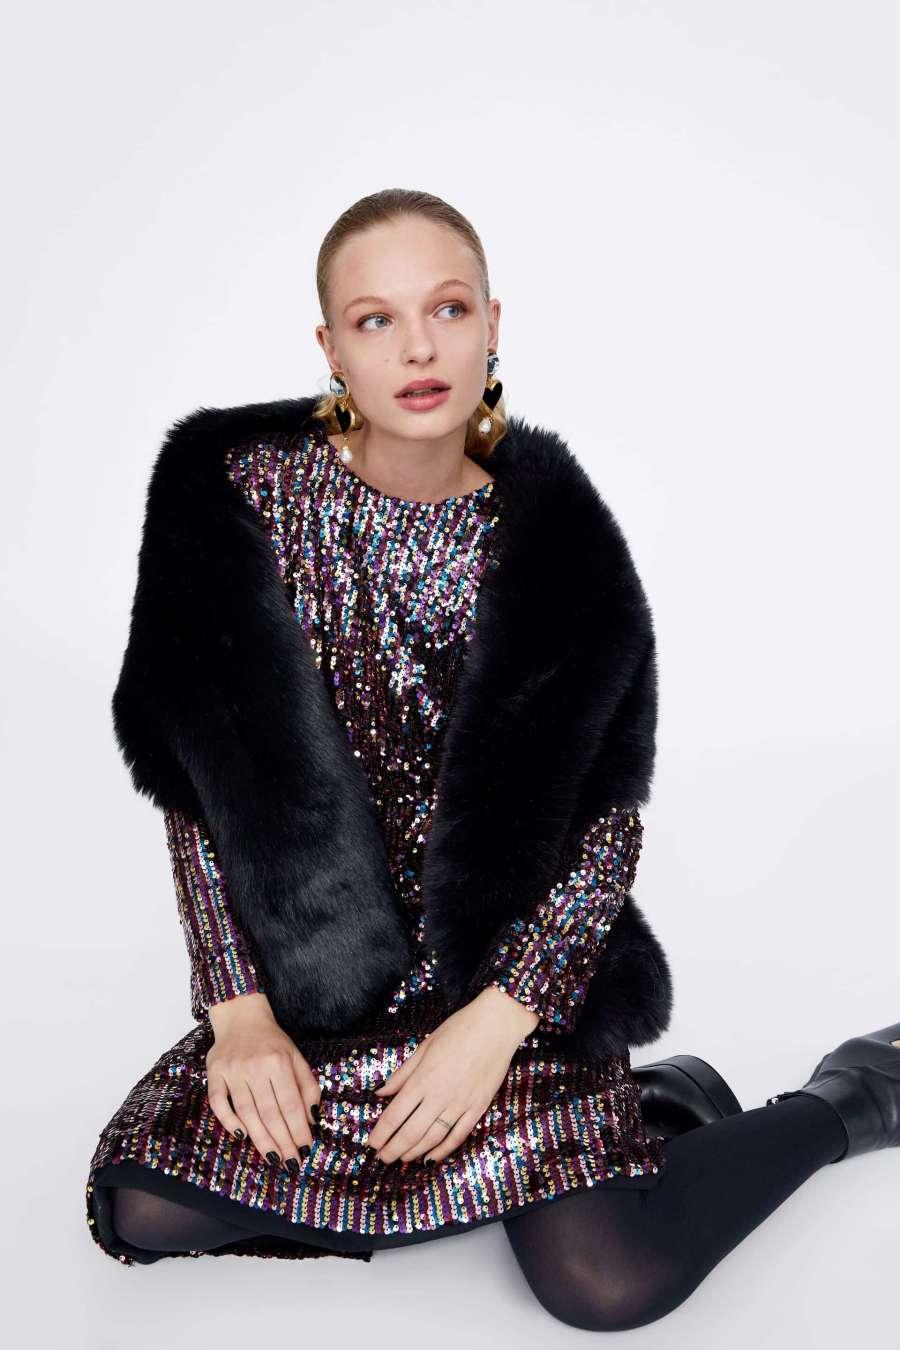 10 abiti per le feste a meno di 100 euro Zara 2